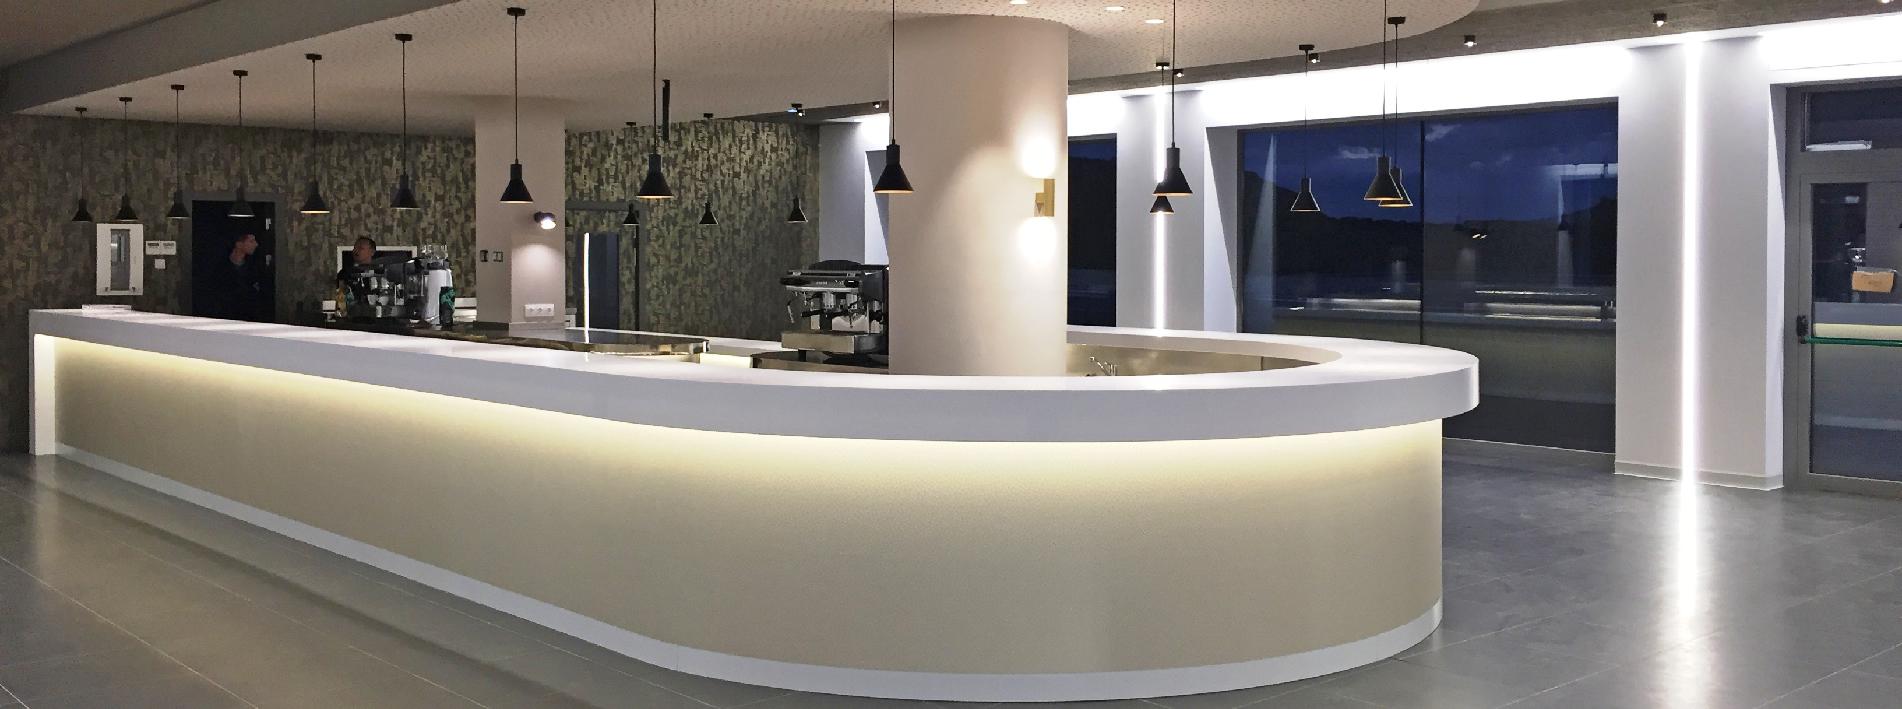 Cianco ha trabajado junto a Joaquín Chocarro en la fabricación e instalación de mobiliario de interior y barra curva de 26 m